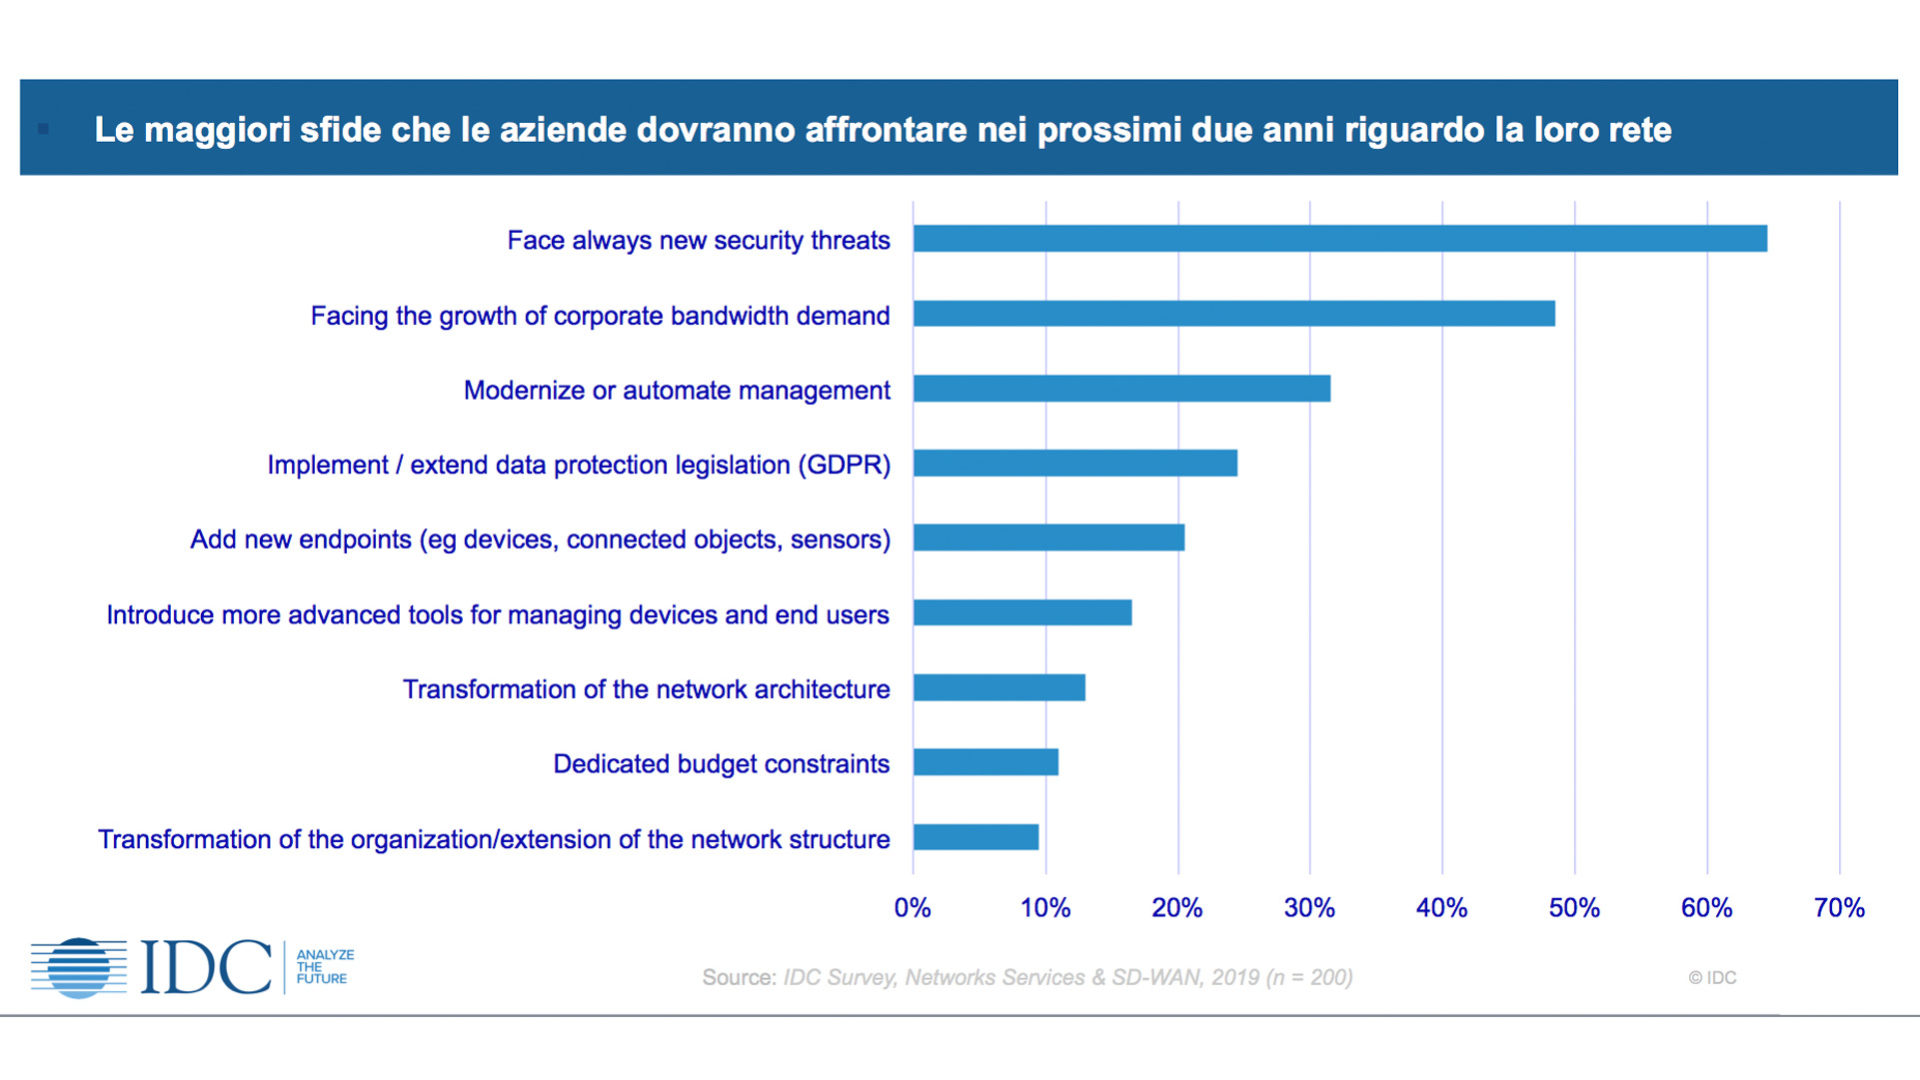 grafico che mostra Le maggiori sfide che le aziende dovranno affrontare nei prossimi due anni riguardo la loro rete